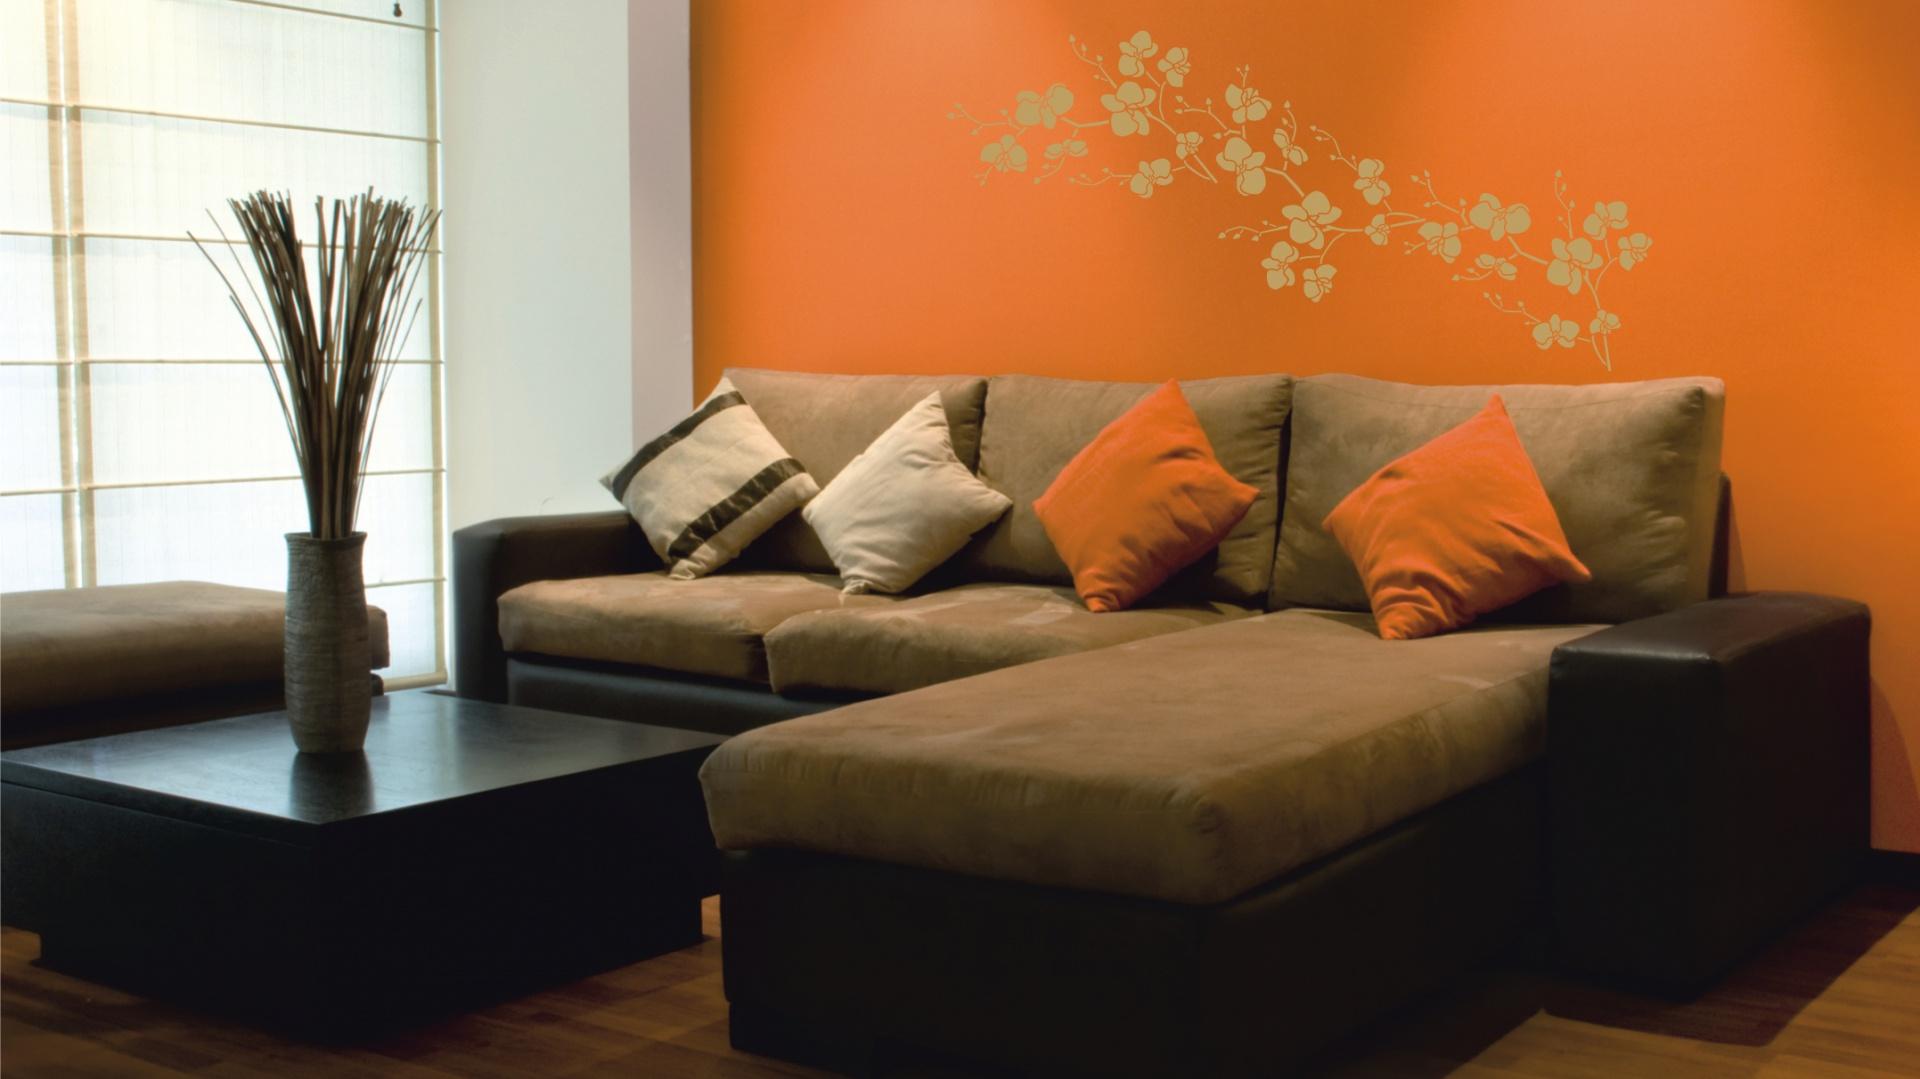 57f9f3aa9c6060 Pomarańczowy, chyba jak żaden inny kolor, pobudza organizm i dodaje  pozytywnej energii potrzebnej do